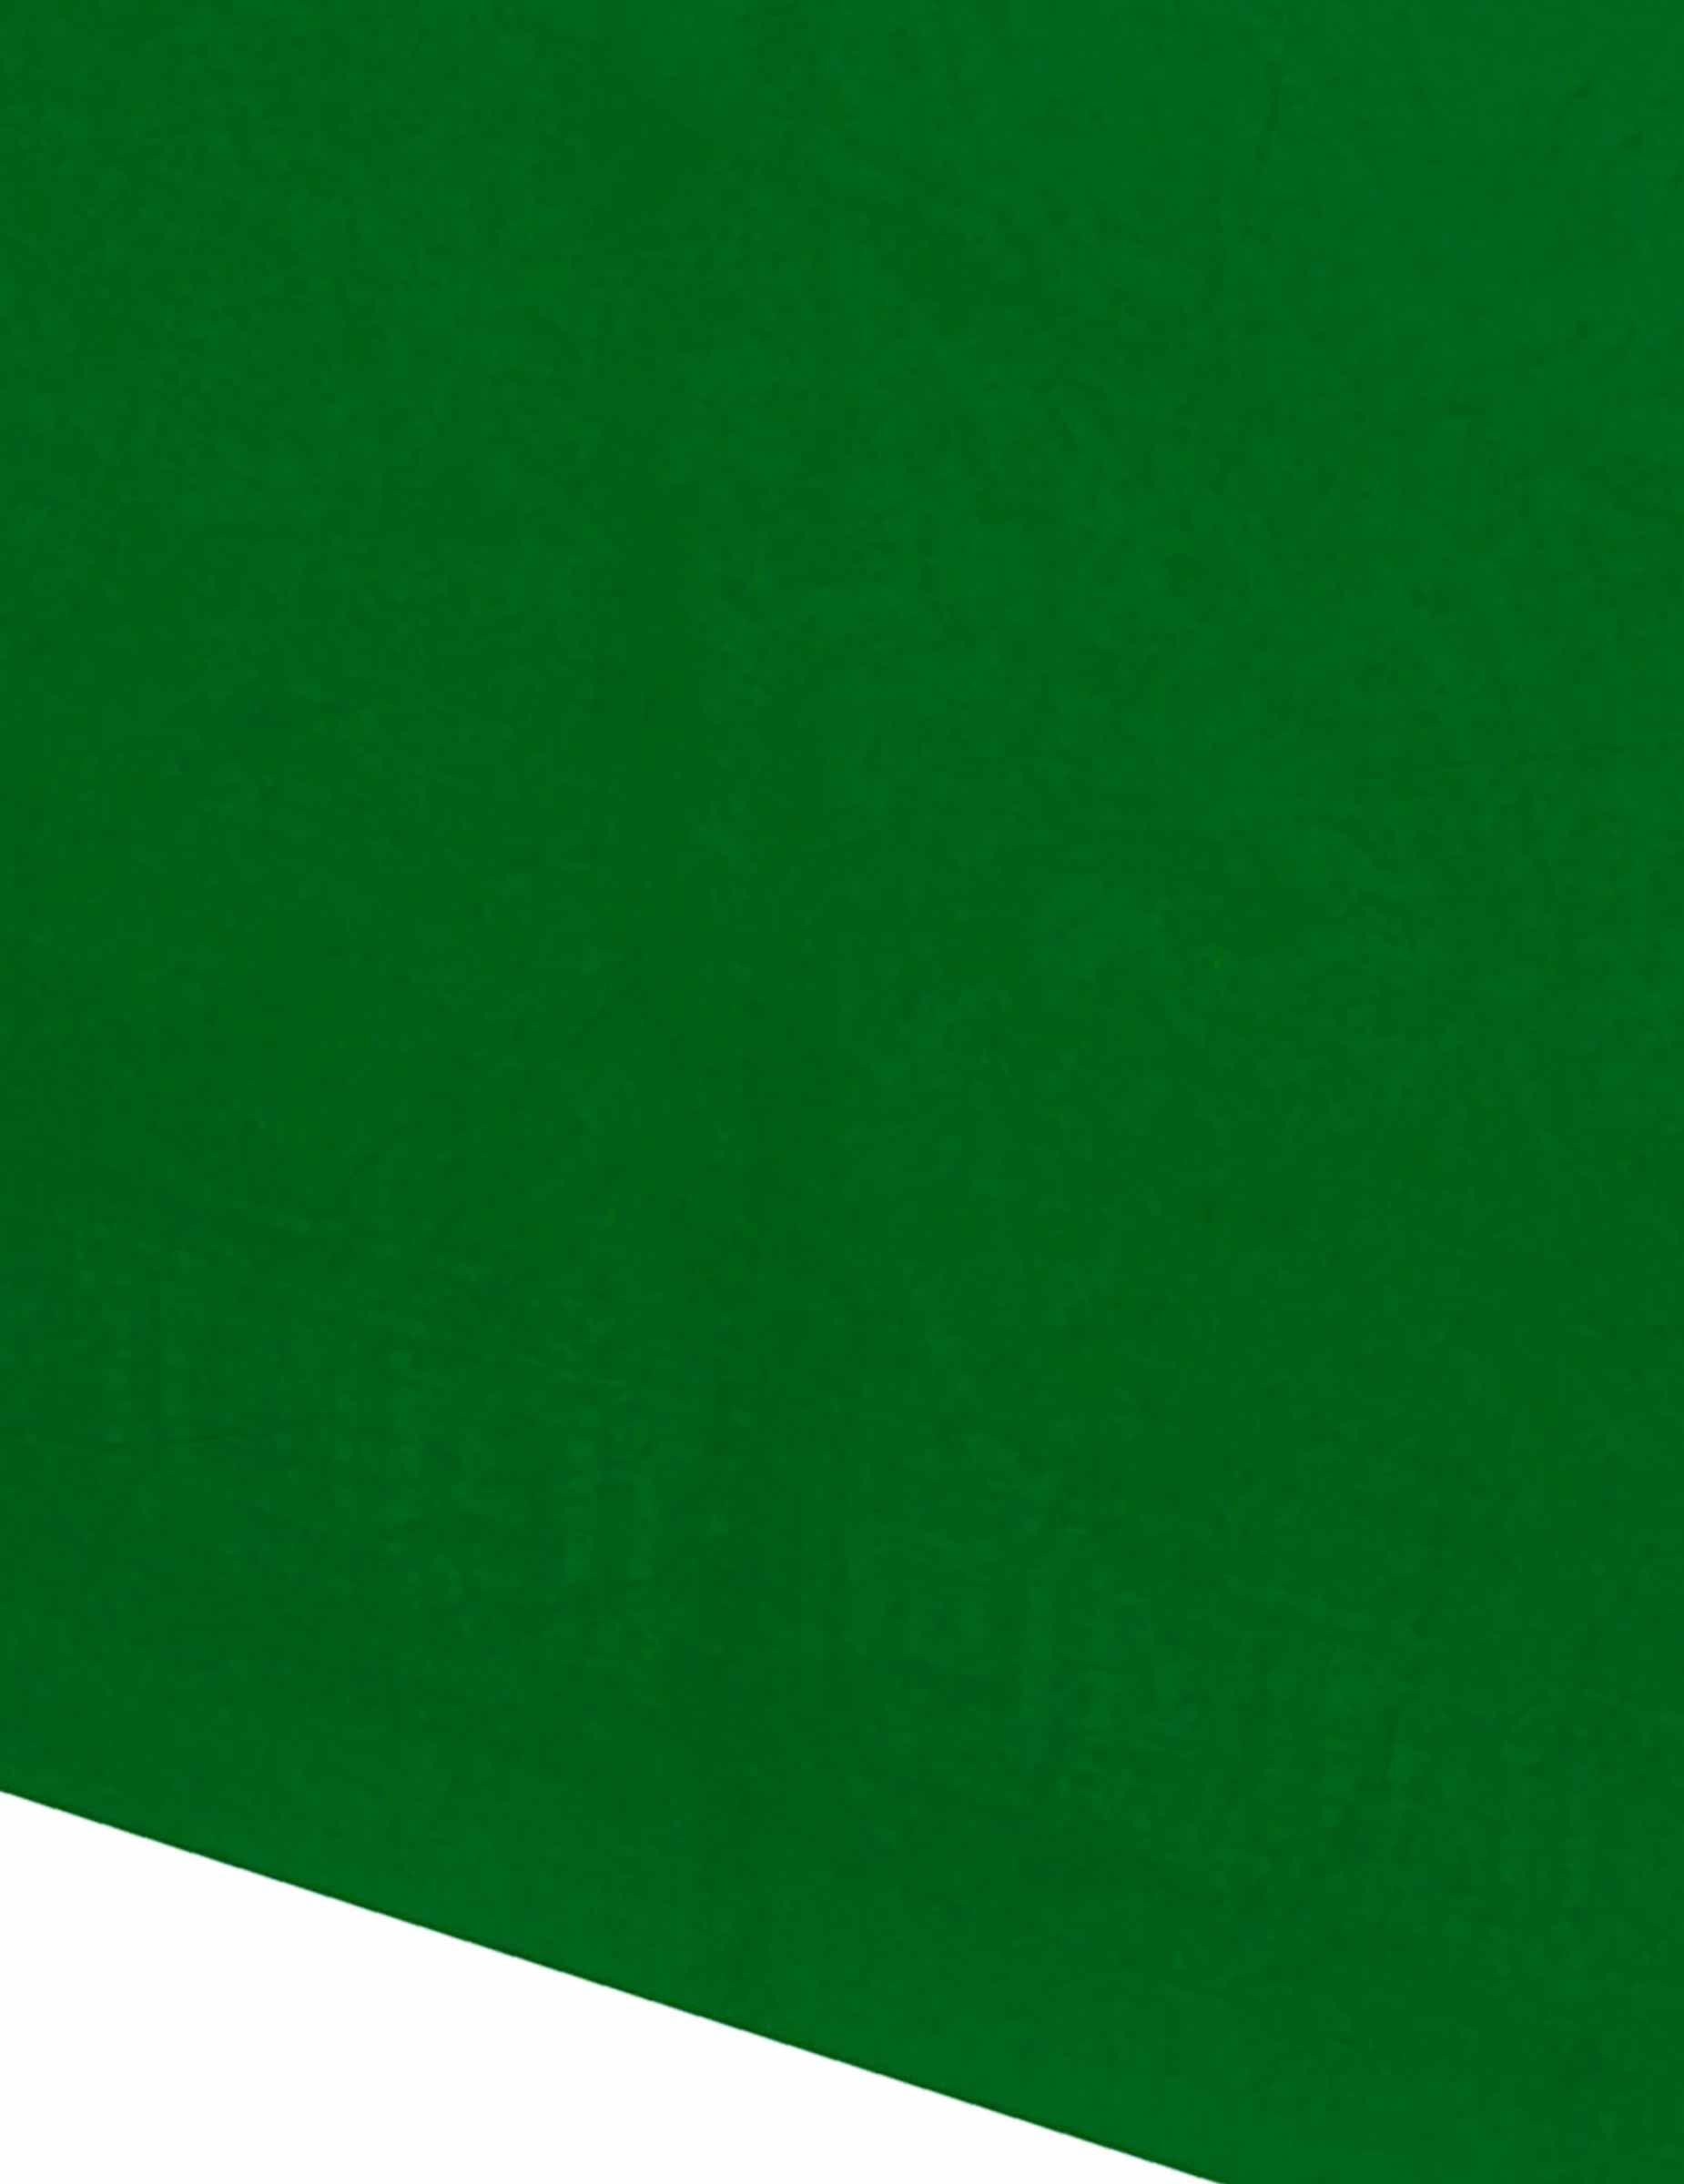 tischdecke party deko gr n 2 8x1 4m g nstige faschings partydeko zubeh r bei karneval megastore. Black Bedroom Furniture Sets. Home Design Ideas